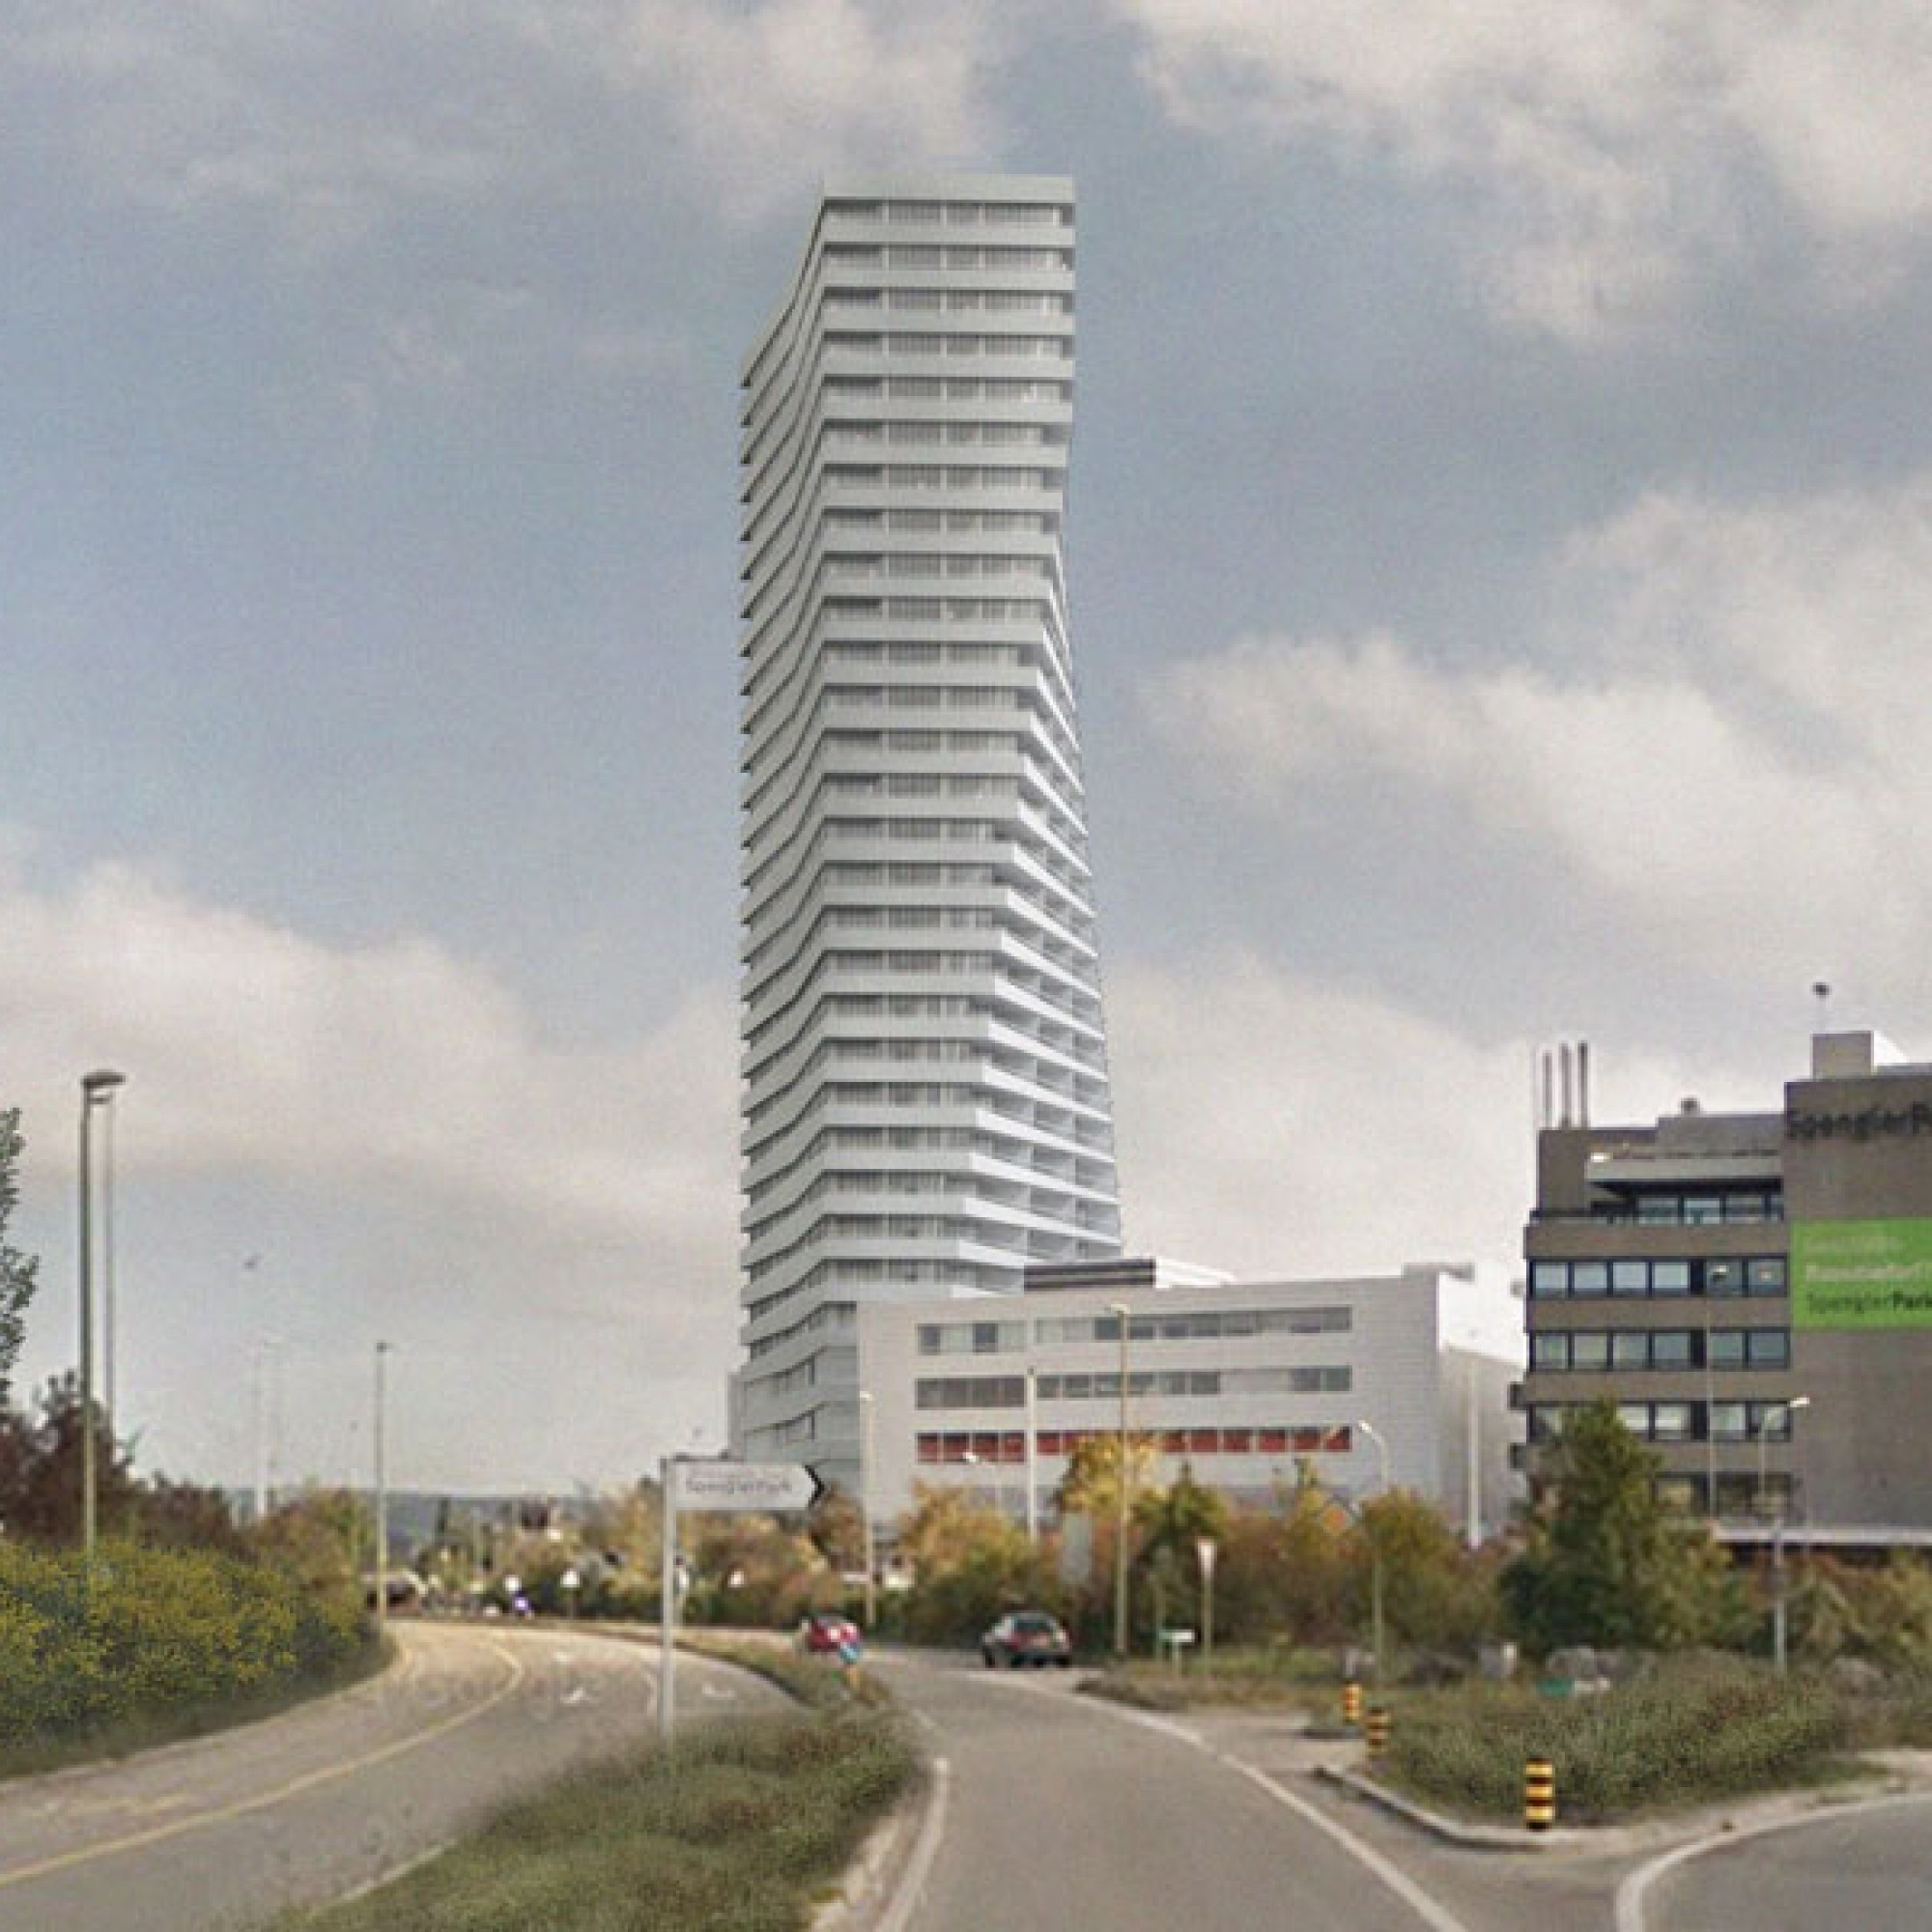 Auf der Visualisierung wird sichtbar, wie sich die Gebäudeform mit zunehmender Höhe wandeln soll (zvg)